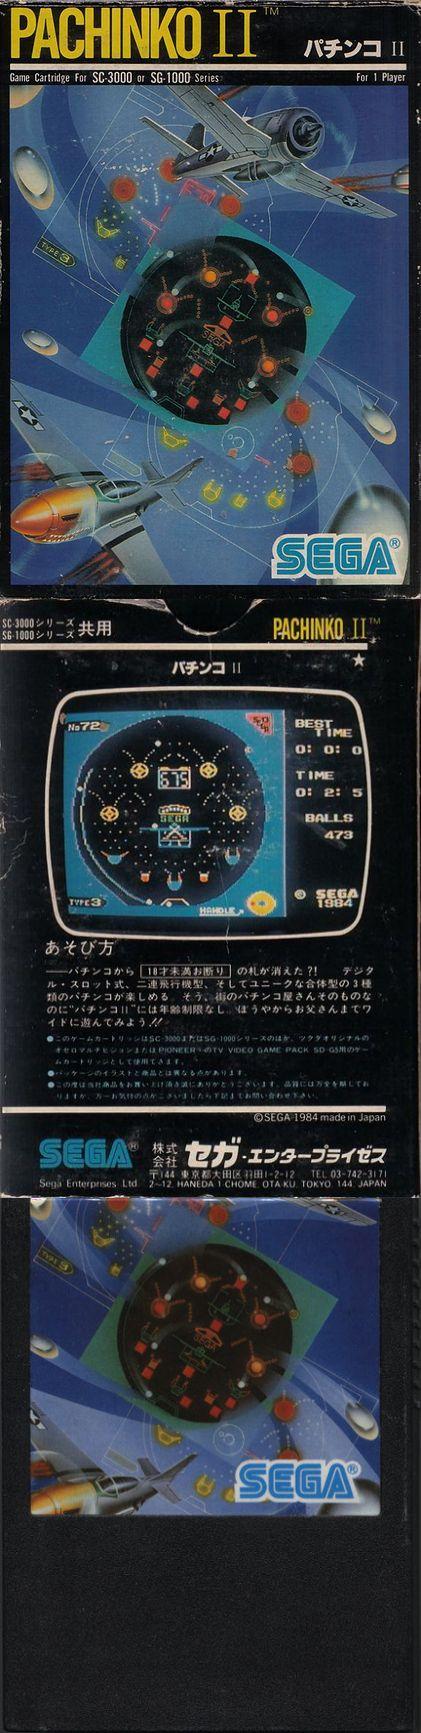 (covers) Pachinko II, SG-1000, Sega, 1983